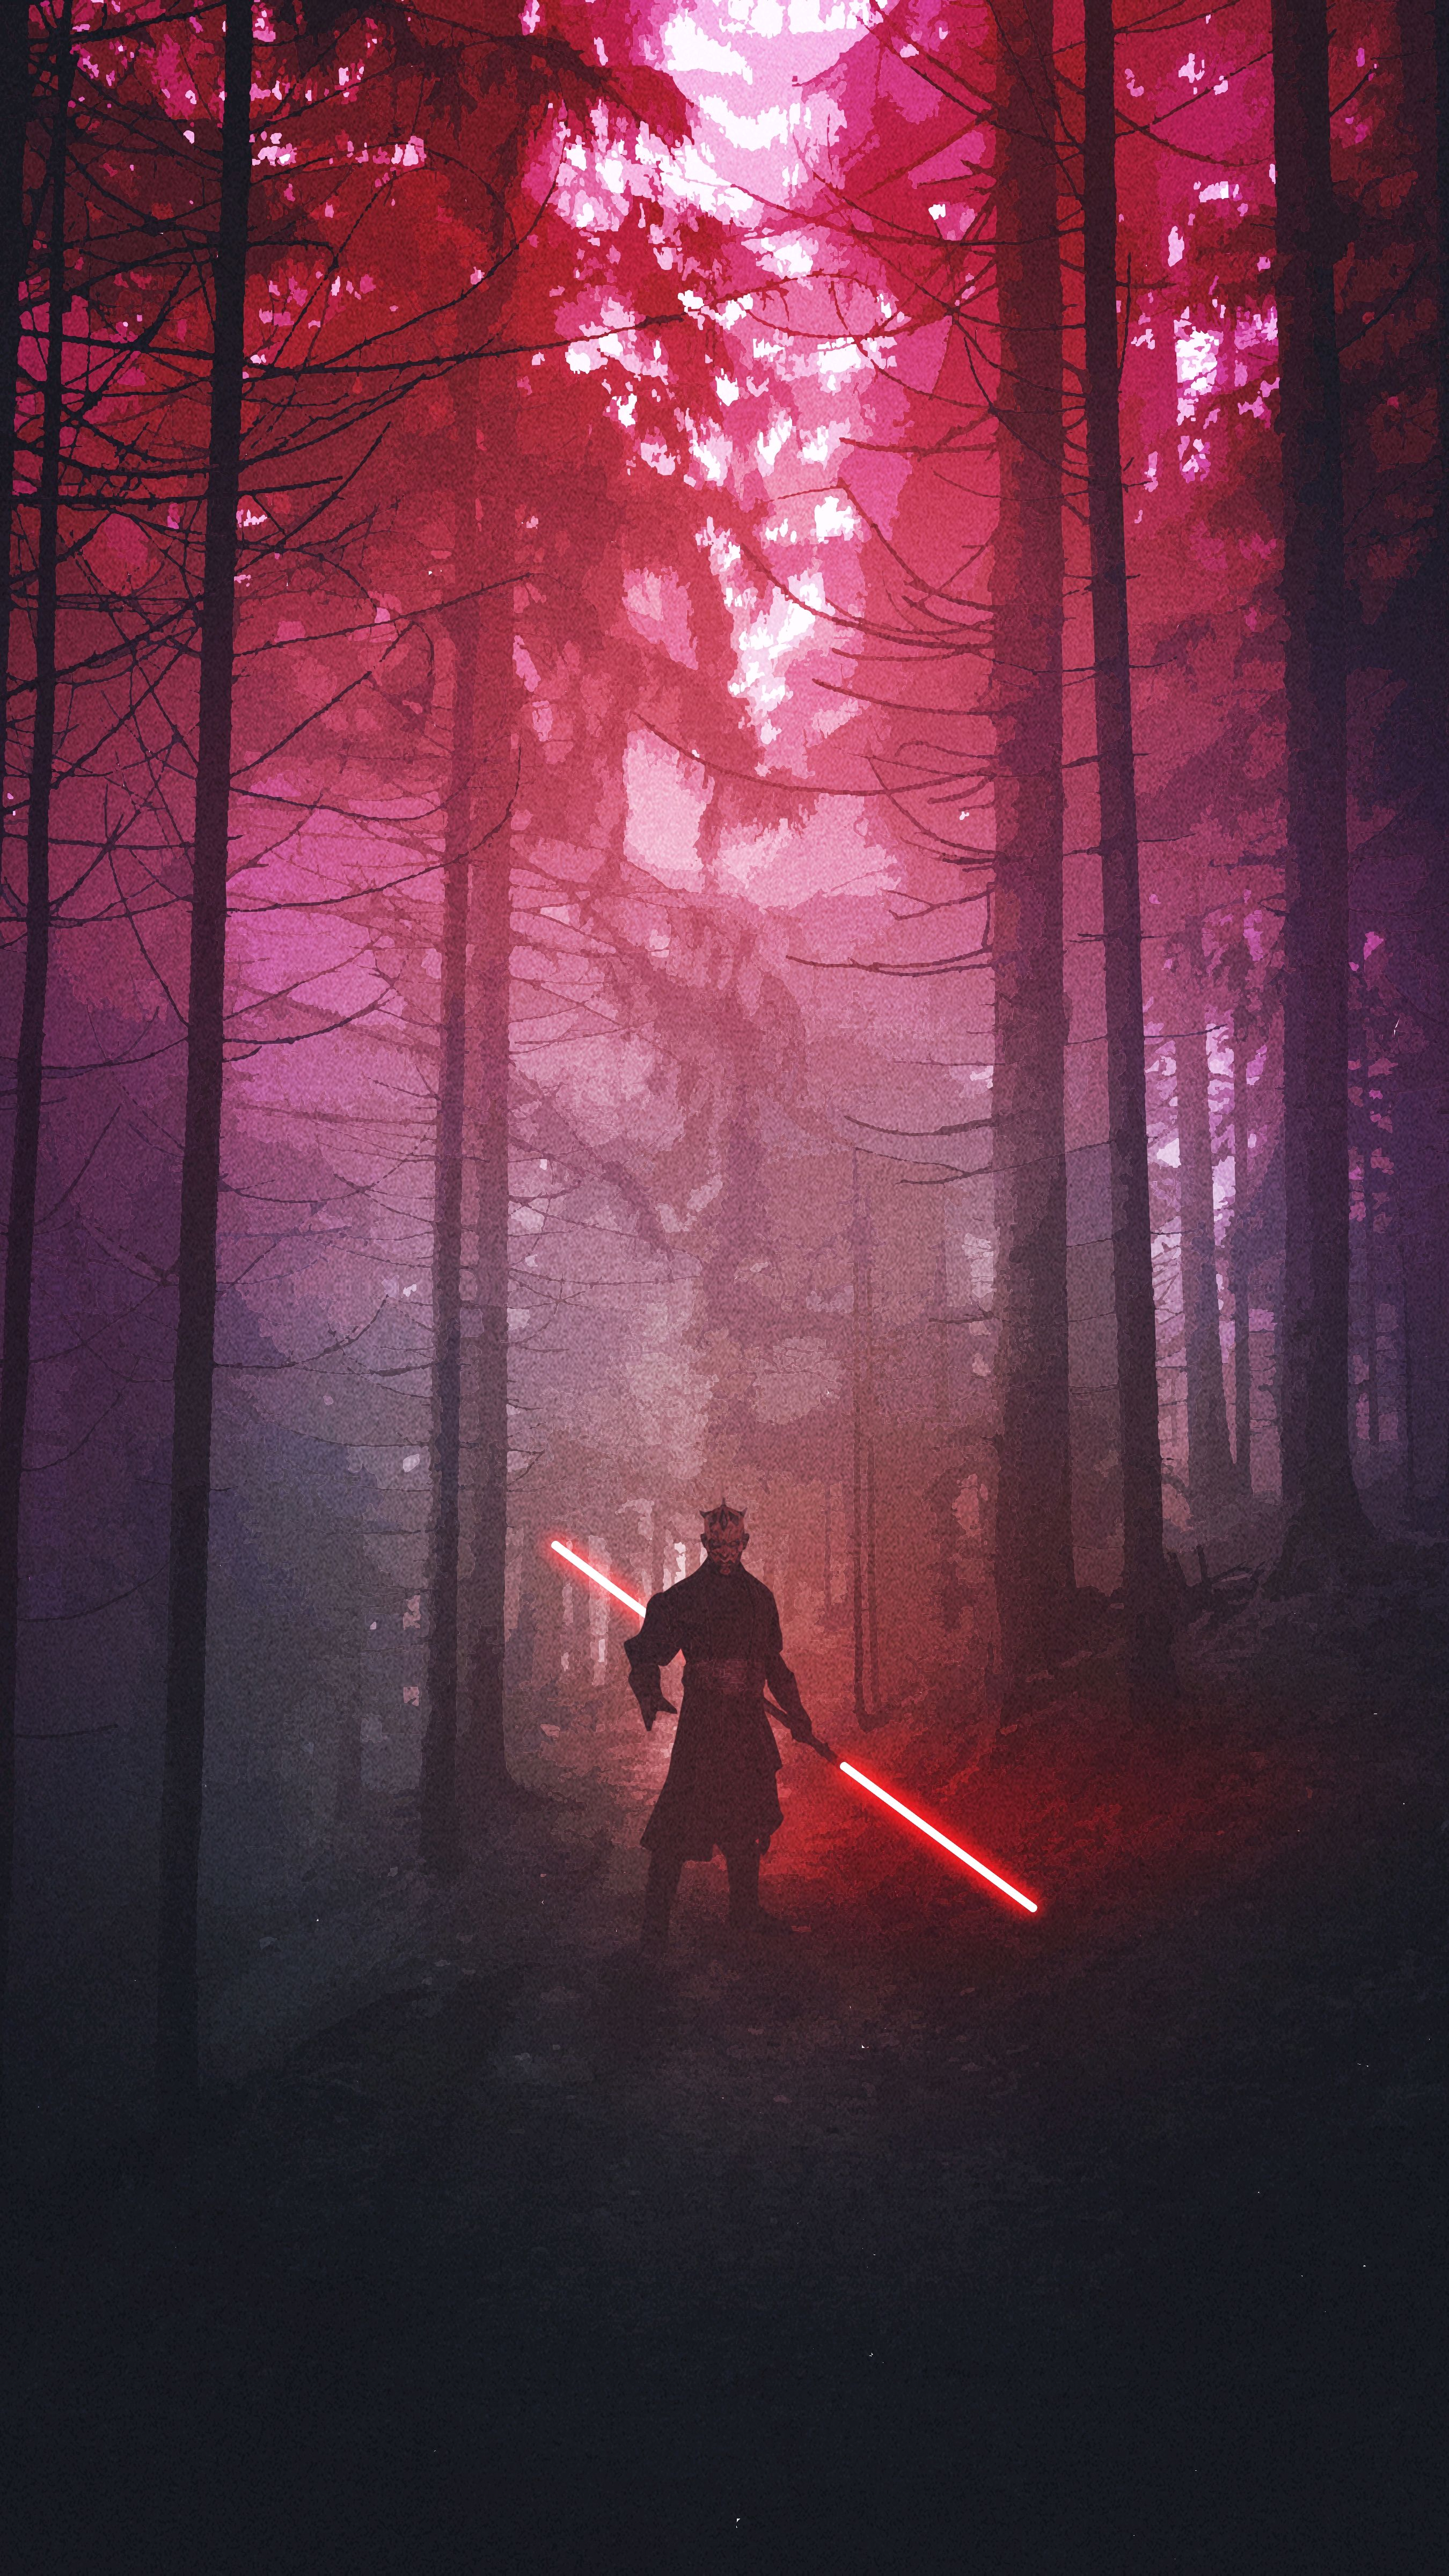 Star Wars Alien iPhone Wallpaper iphoneswallpapers com